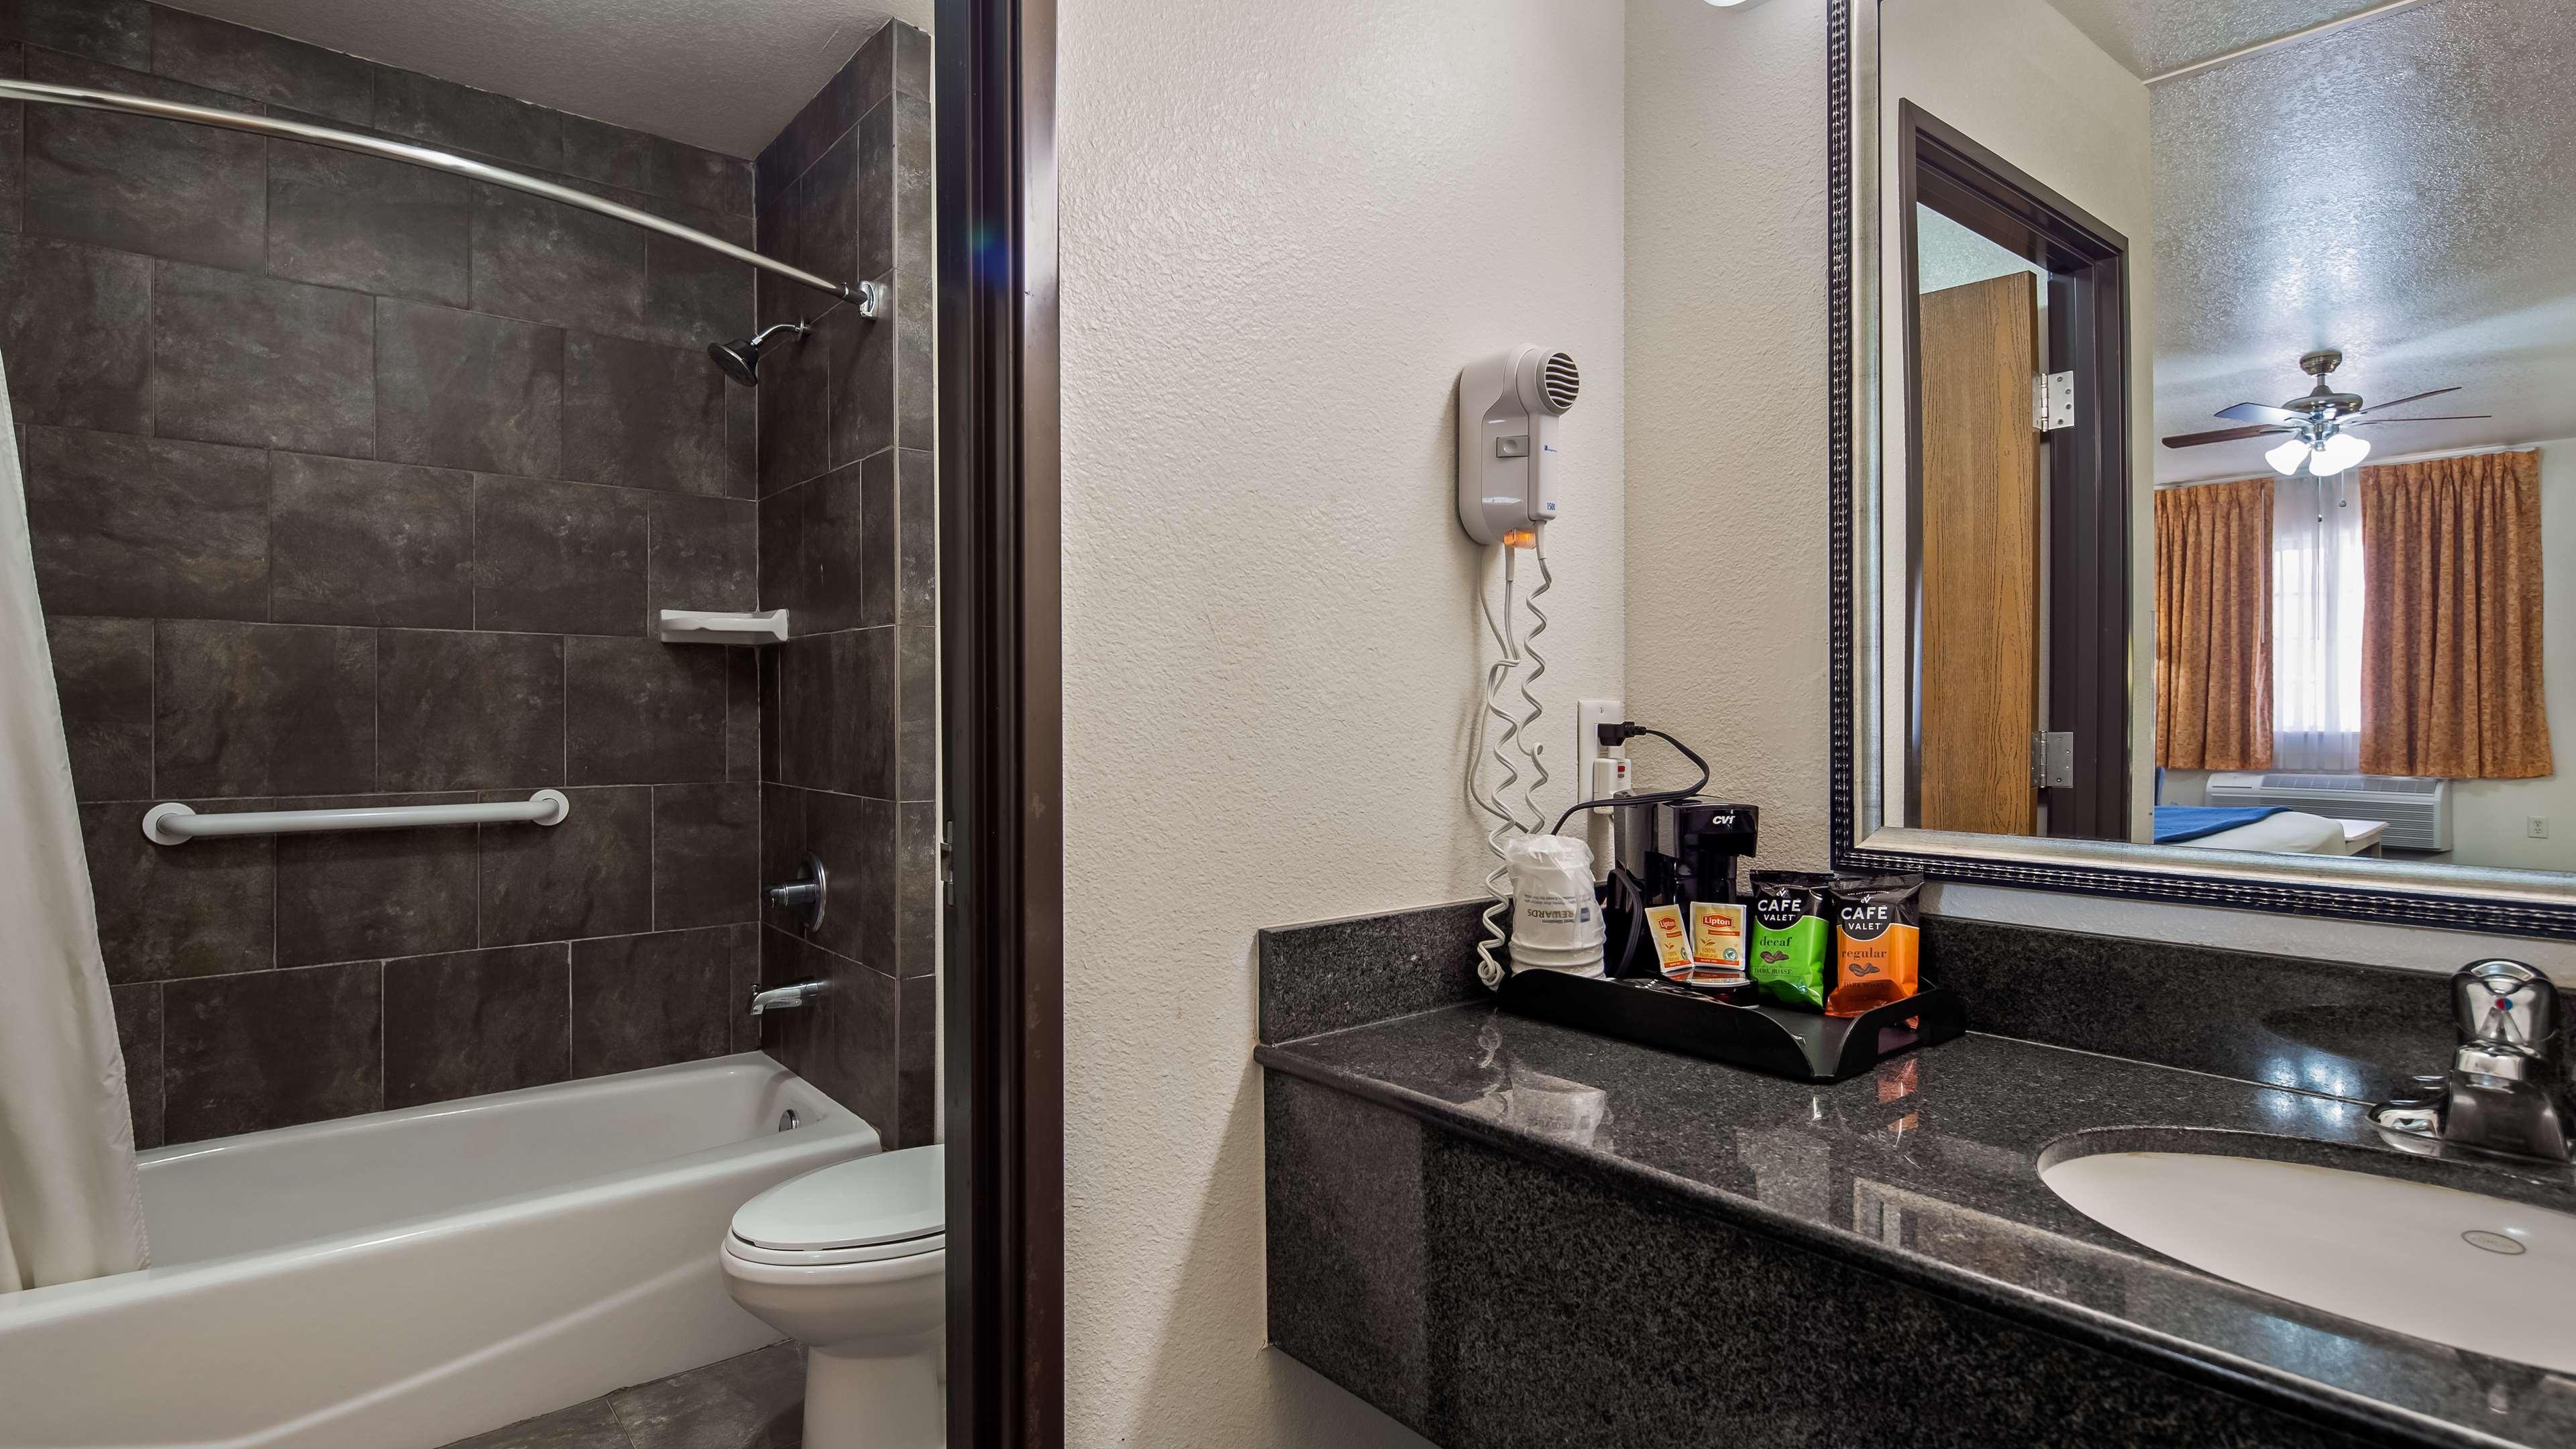 SureStay Hotel by Best Western Falfurrias image 10